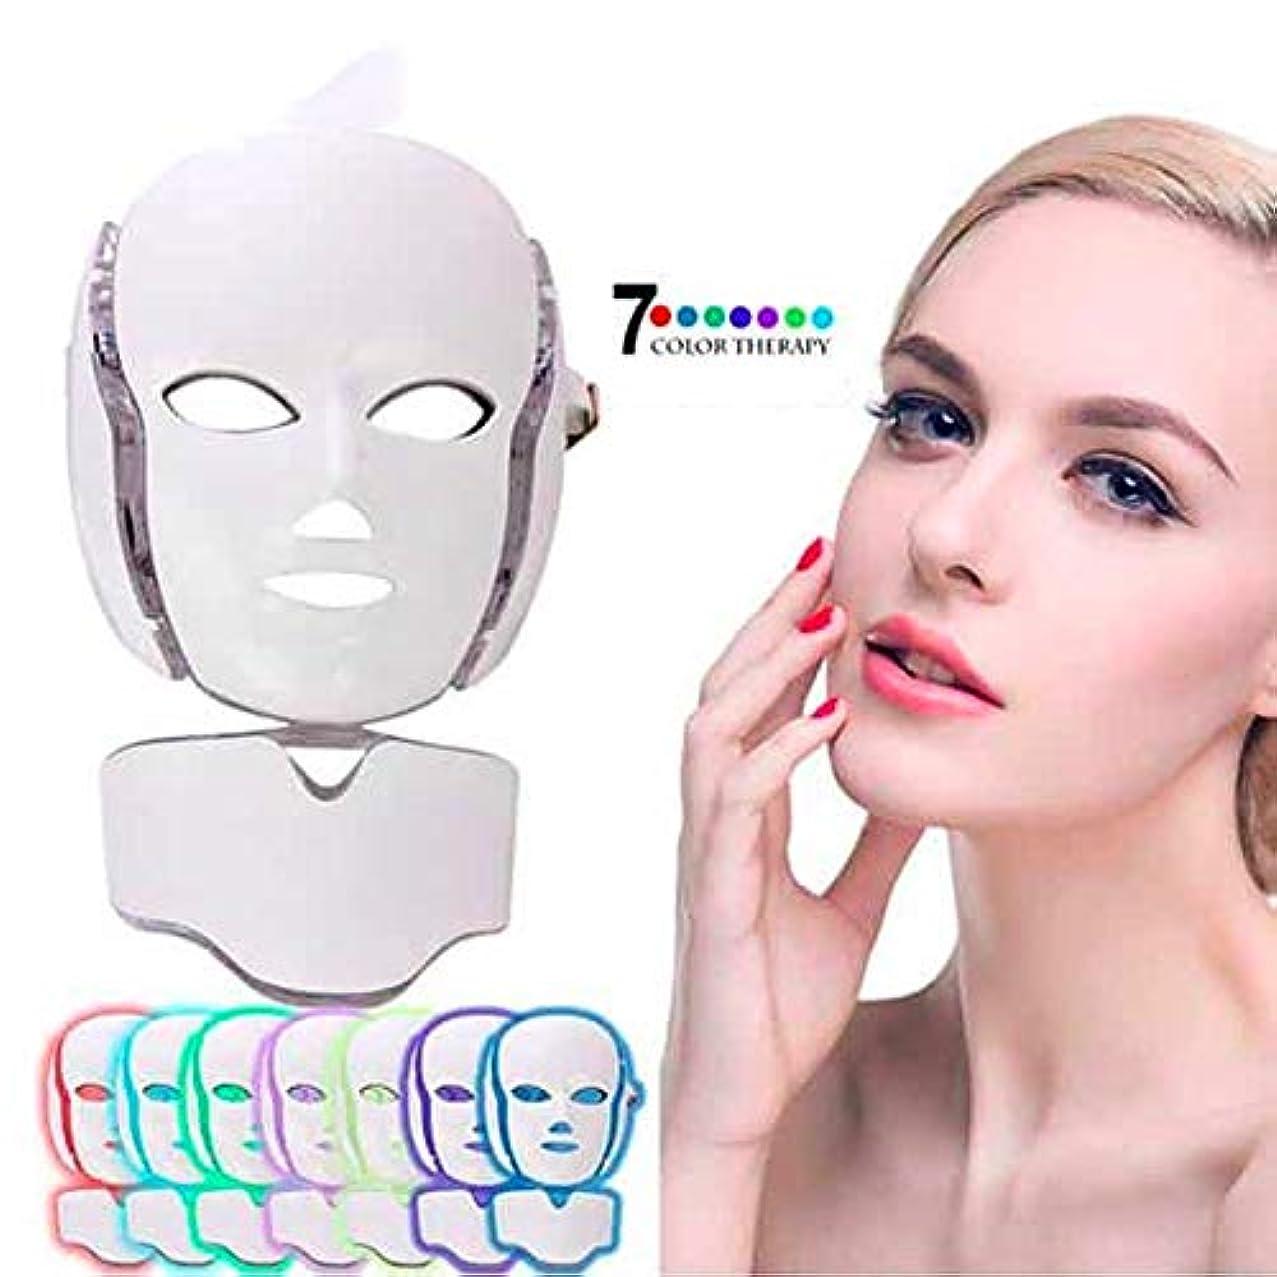 新年演じるビーム7色の光子は、家庭用の肌の若返りのためにひげネックマスク、にきび、毛穴、アンチエイジング美容ライトセラピーのLEDライト